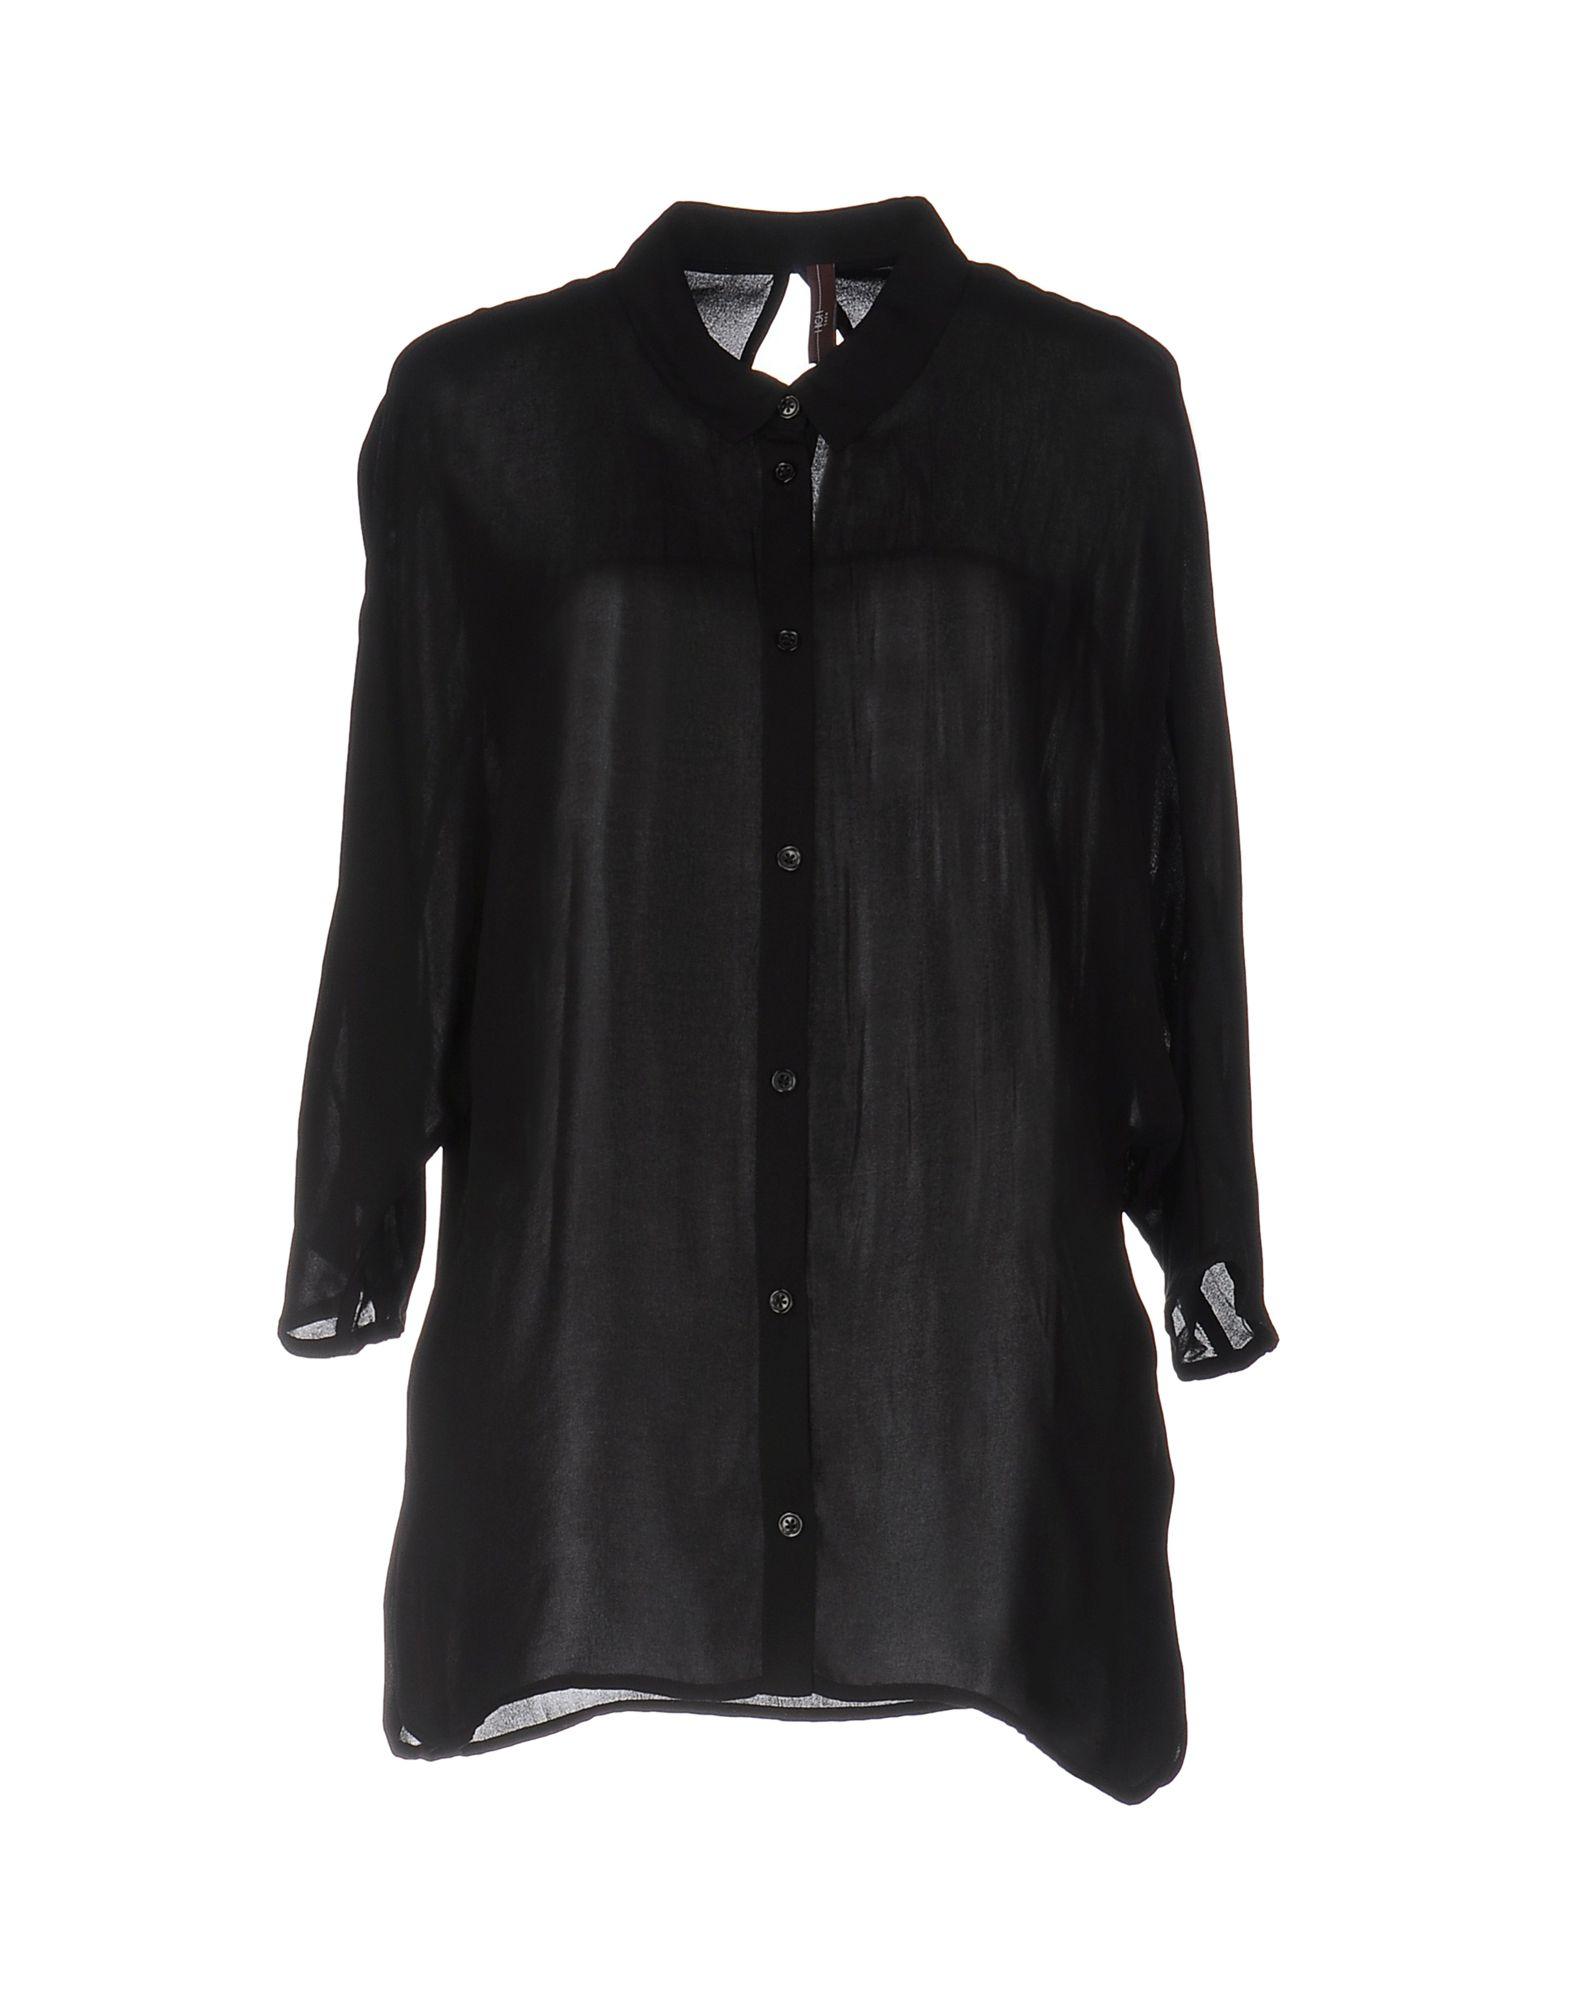 《送料無料》HIGH TECH レディース シャツ ブラック 44 ポリエステル 100%